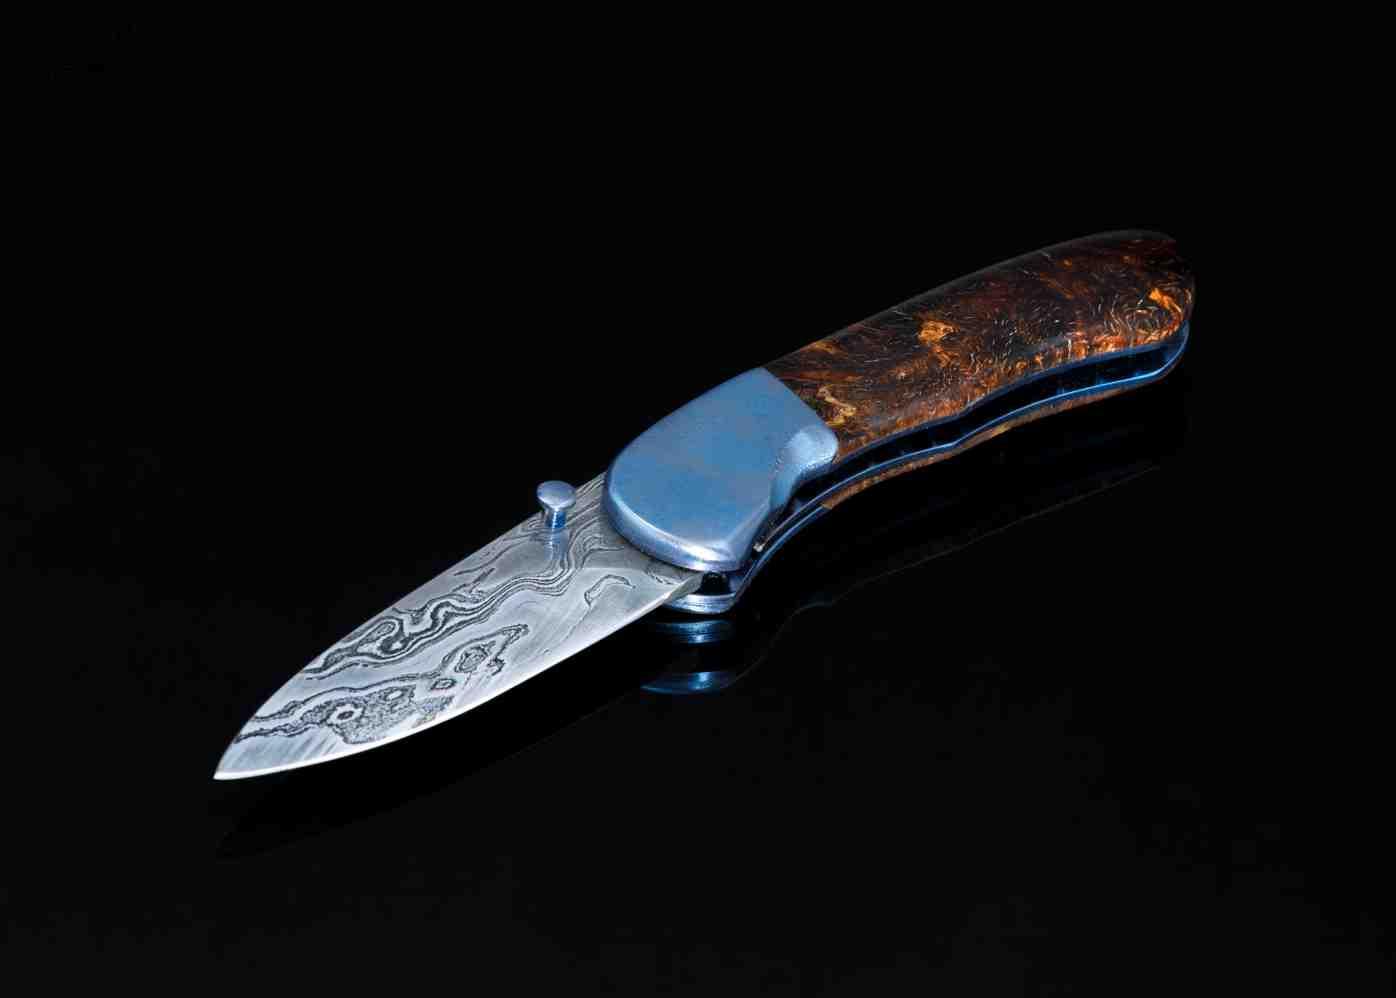 Textured titanium bolster